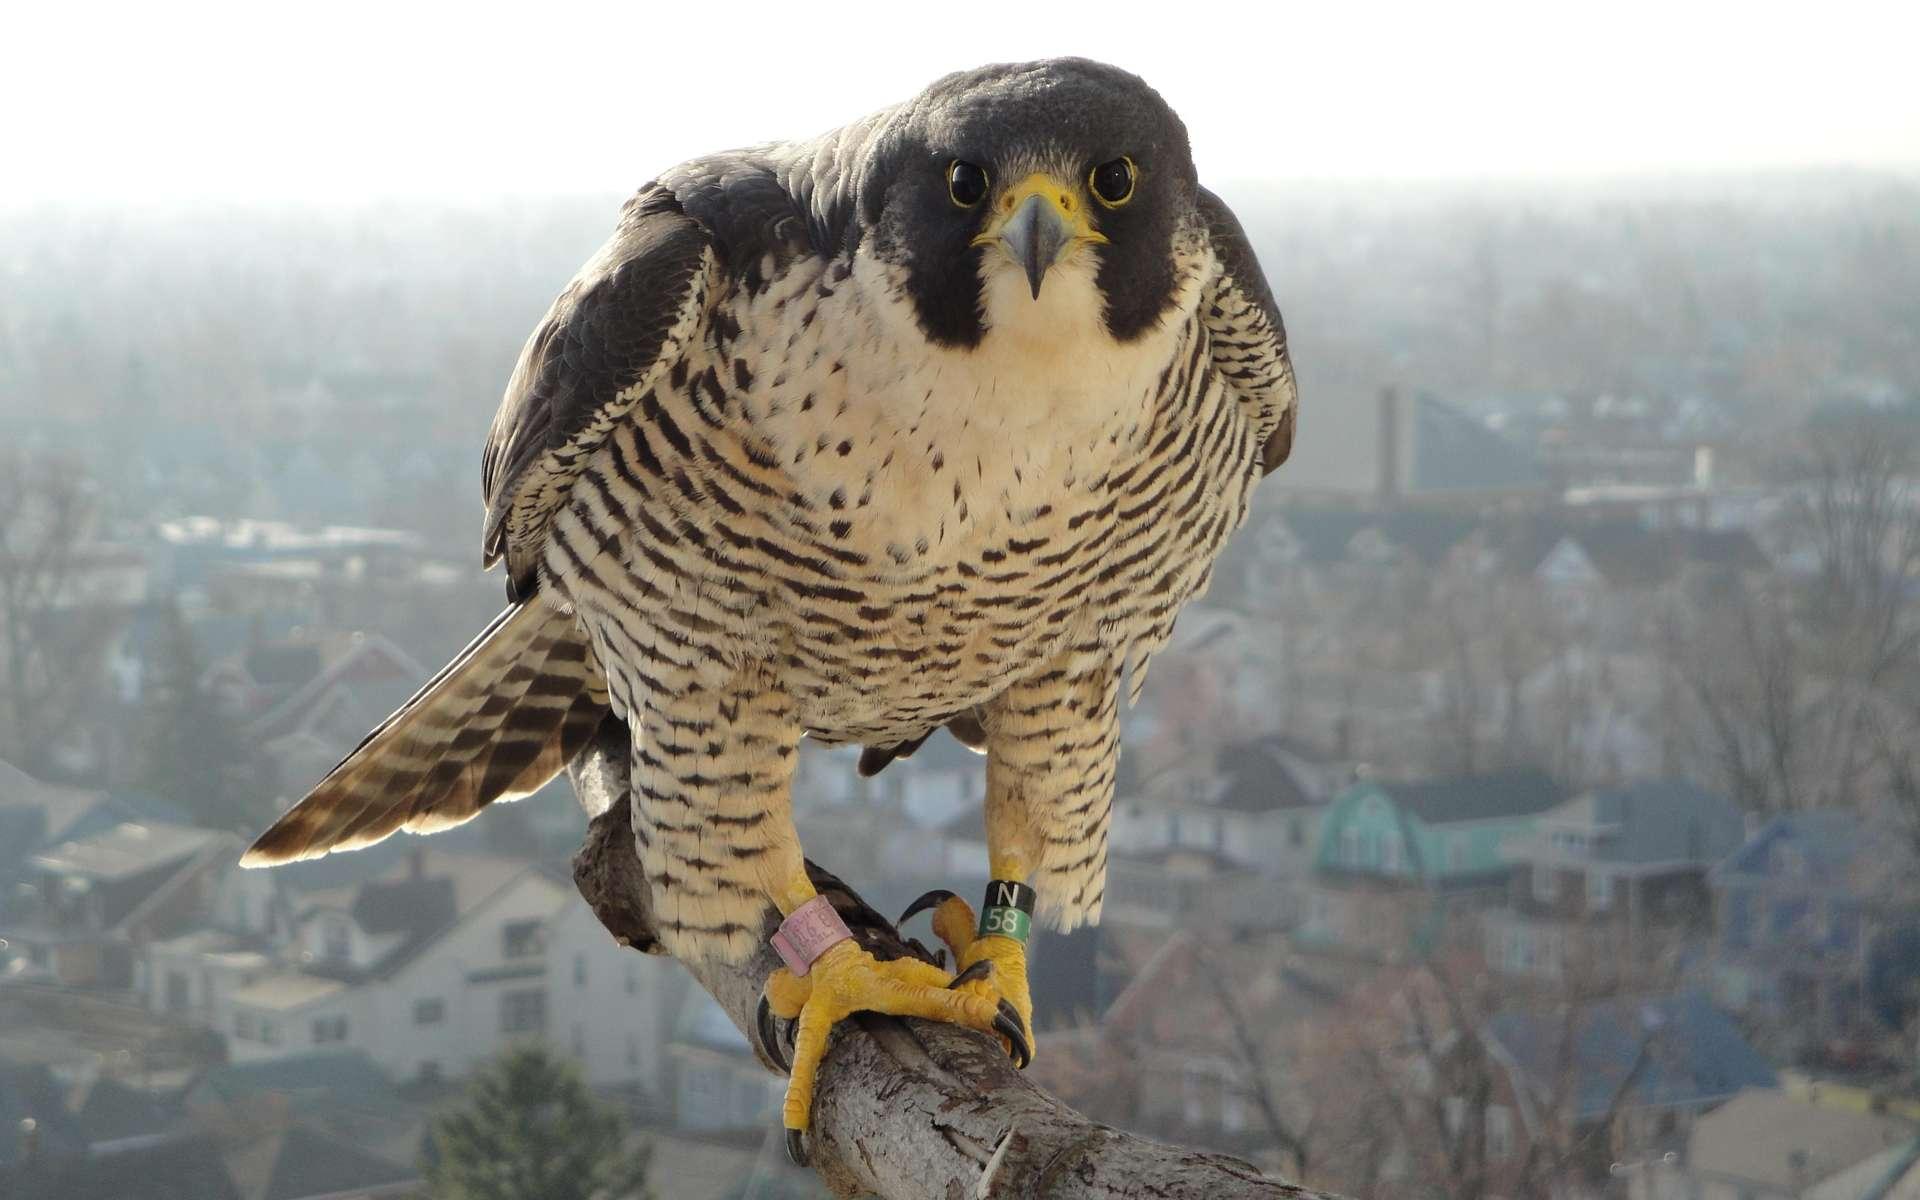 Ce résident du campus de l'Université de Buffalo surveille d'un œil inquisiteur le nid établi dans la tour Mackay. © University at Buffalo